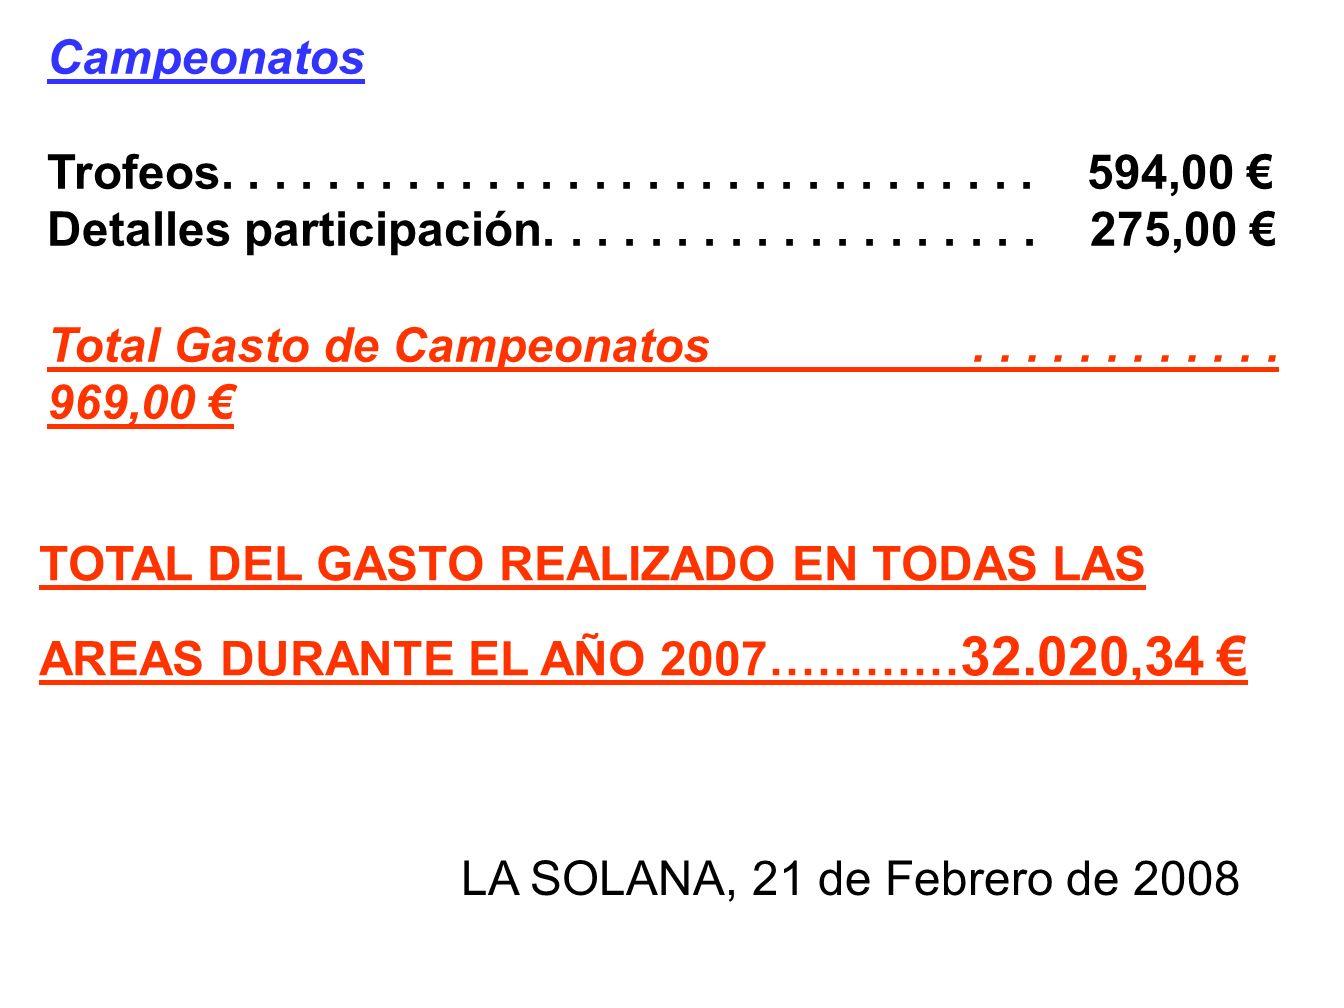 Campeonatos Trofeos. . . . . . . . . . . . . . . . . . . . . . . . . . . . . . . 594,00 €